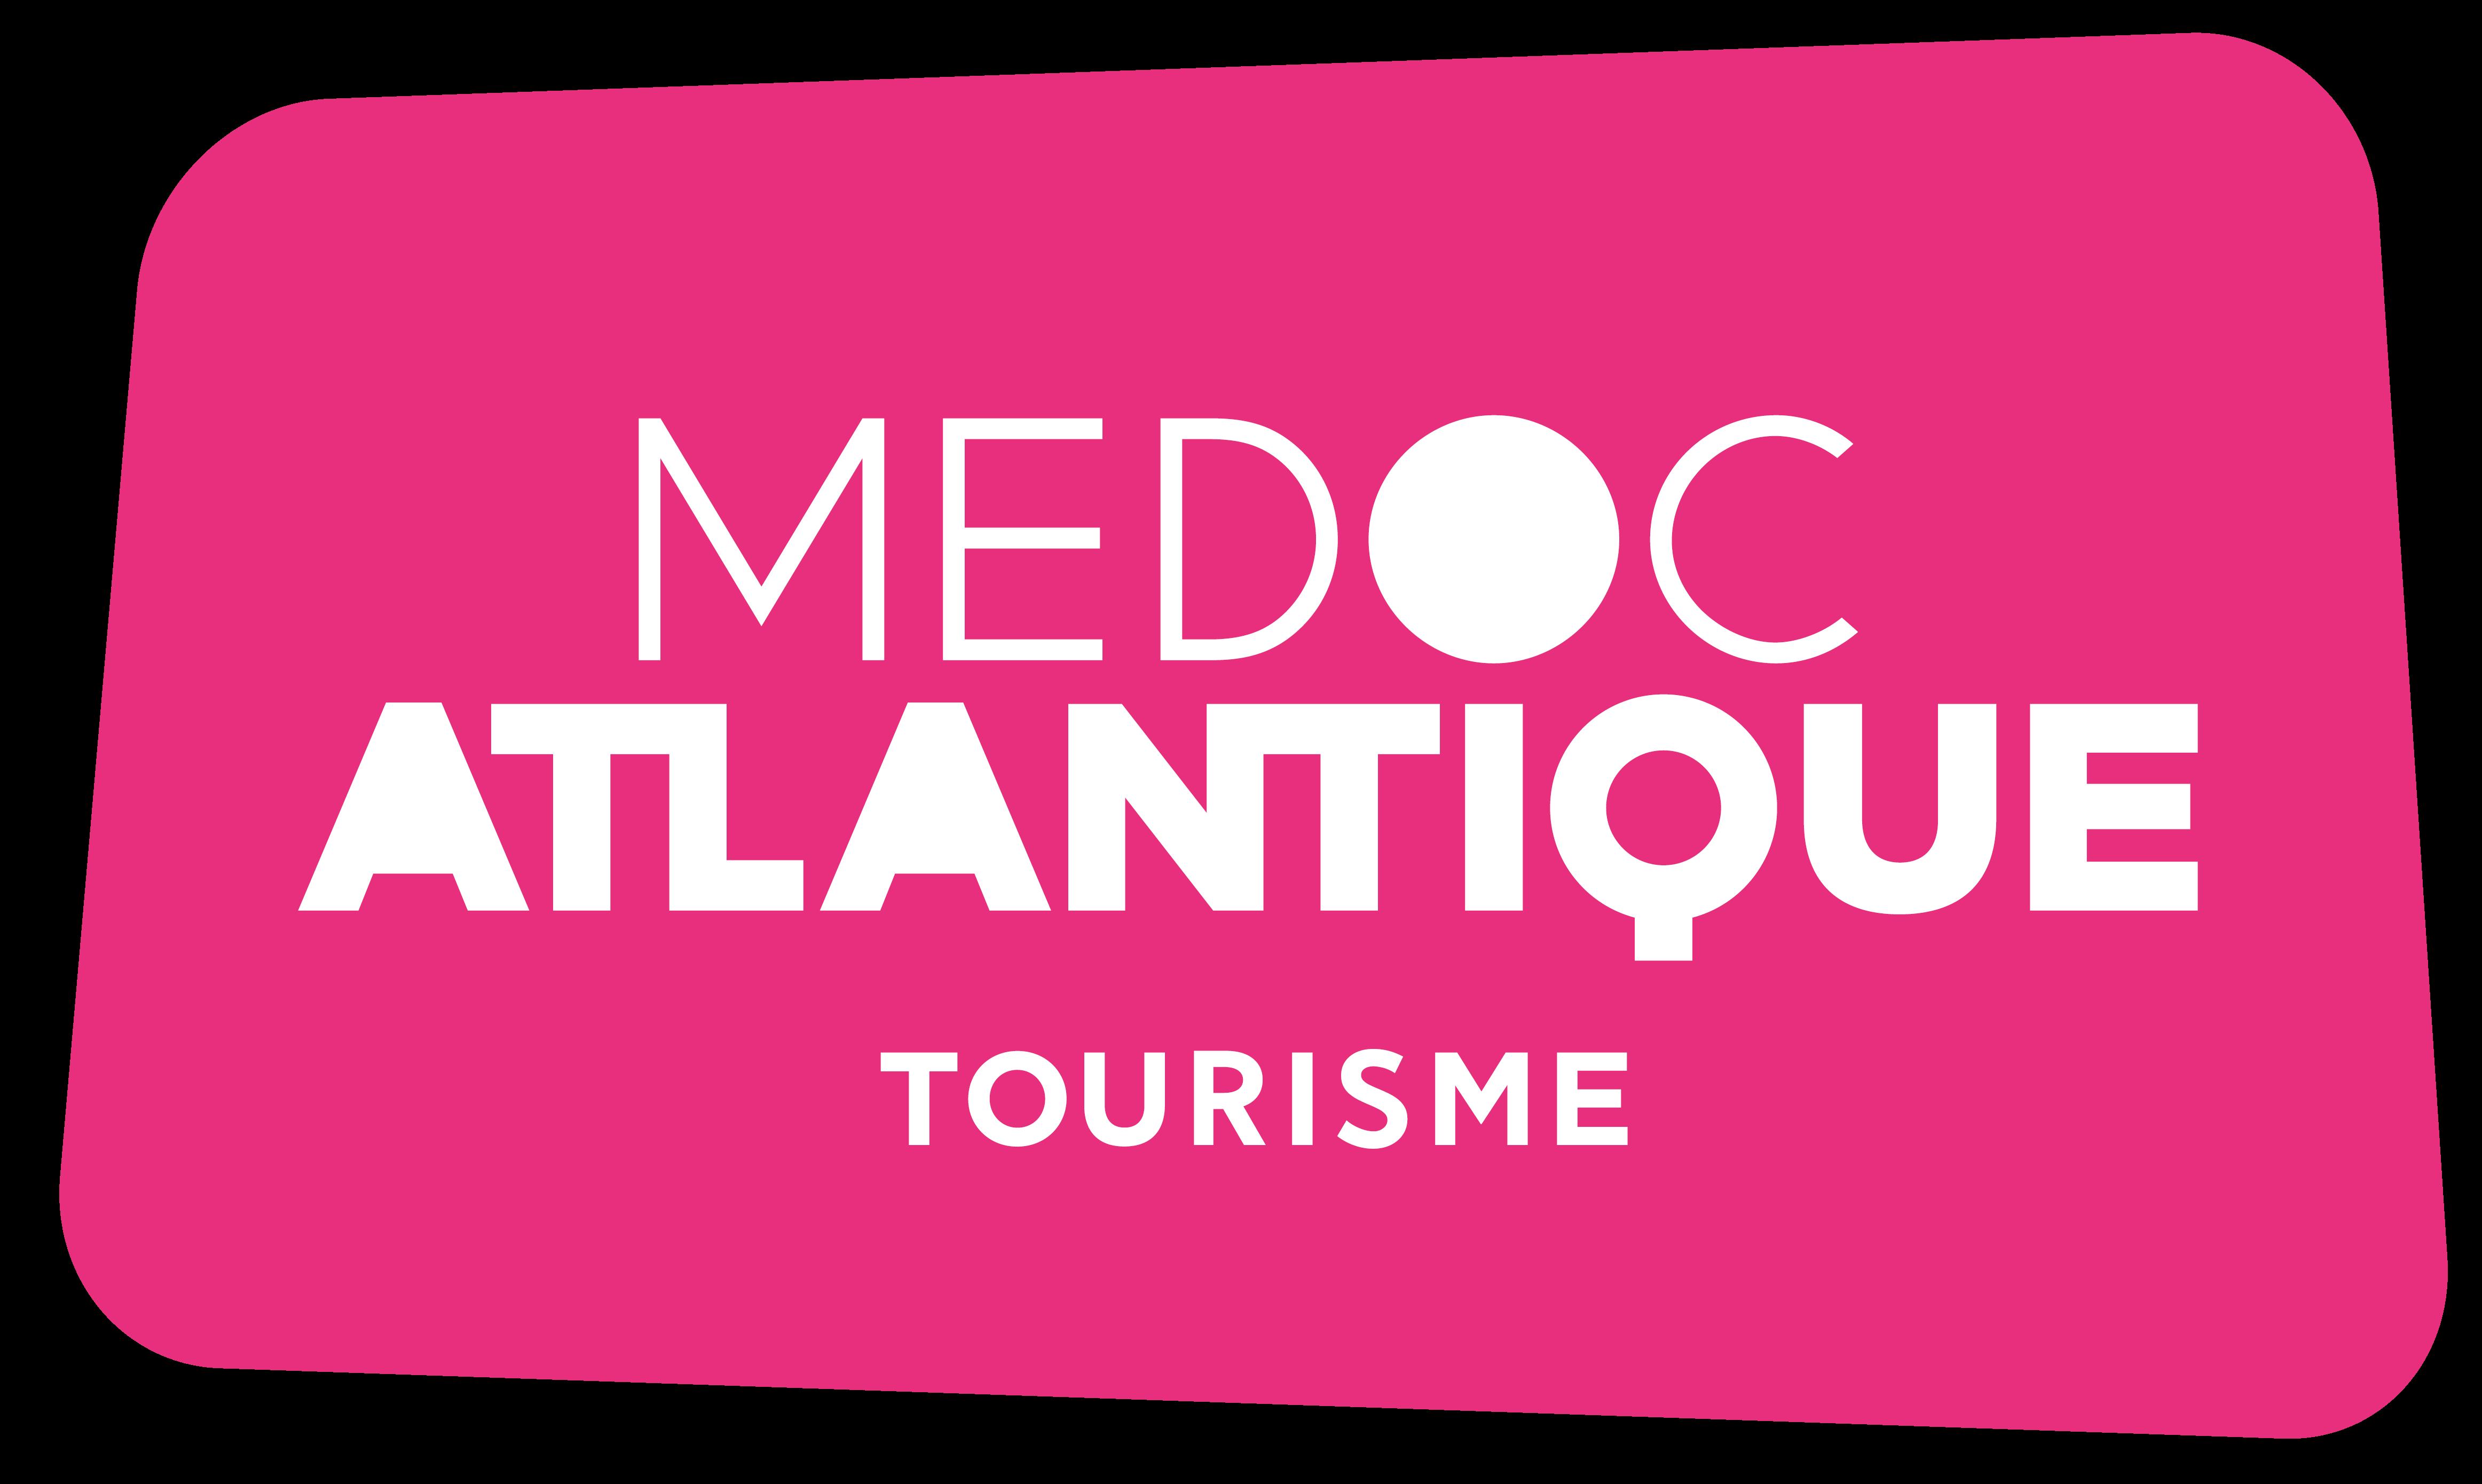 Logo Médoc Atlantique Tourisme